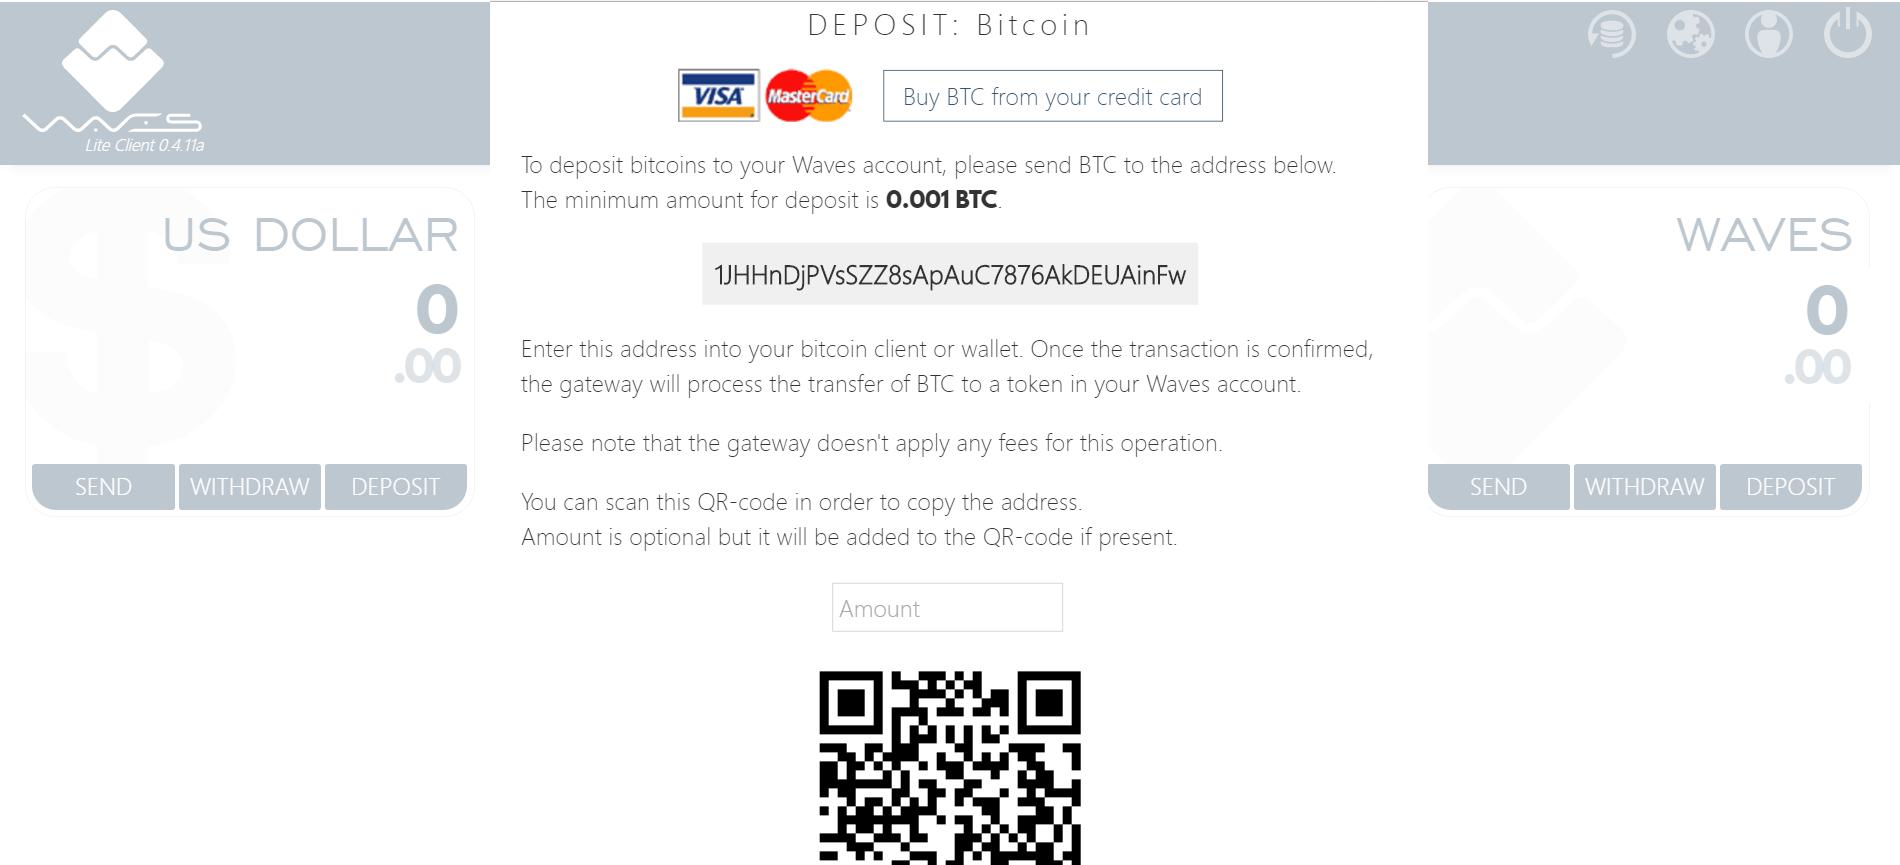 区块链平台Waves添加了信用卡网关 可以在钱包内直接购买比特币 (2)